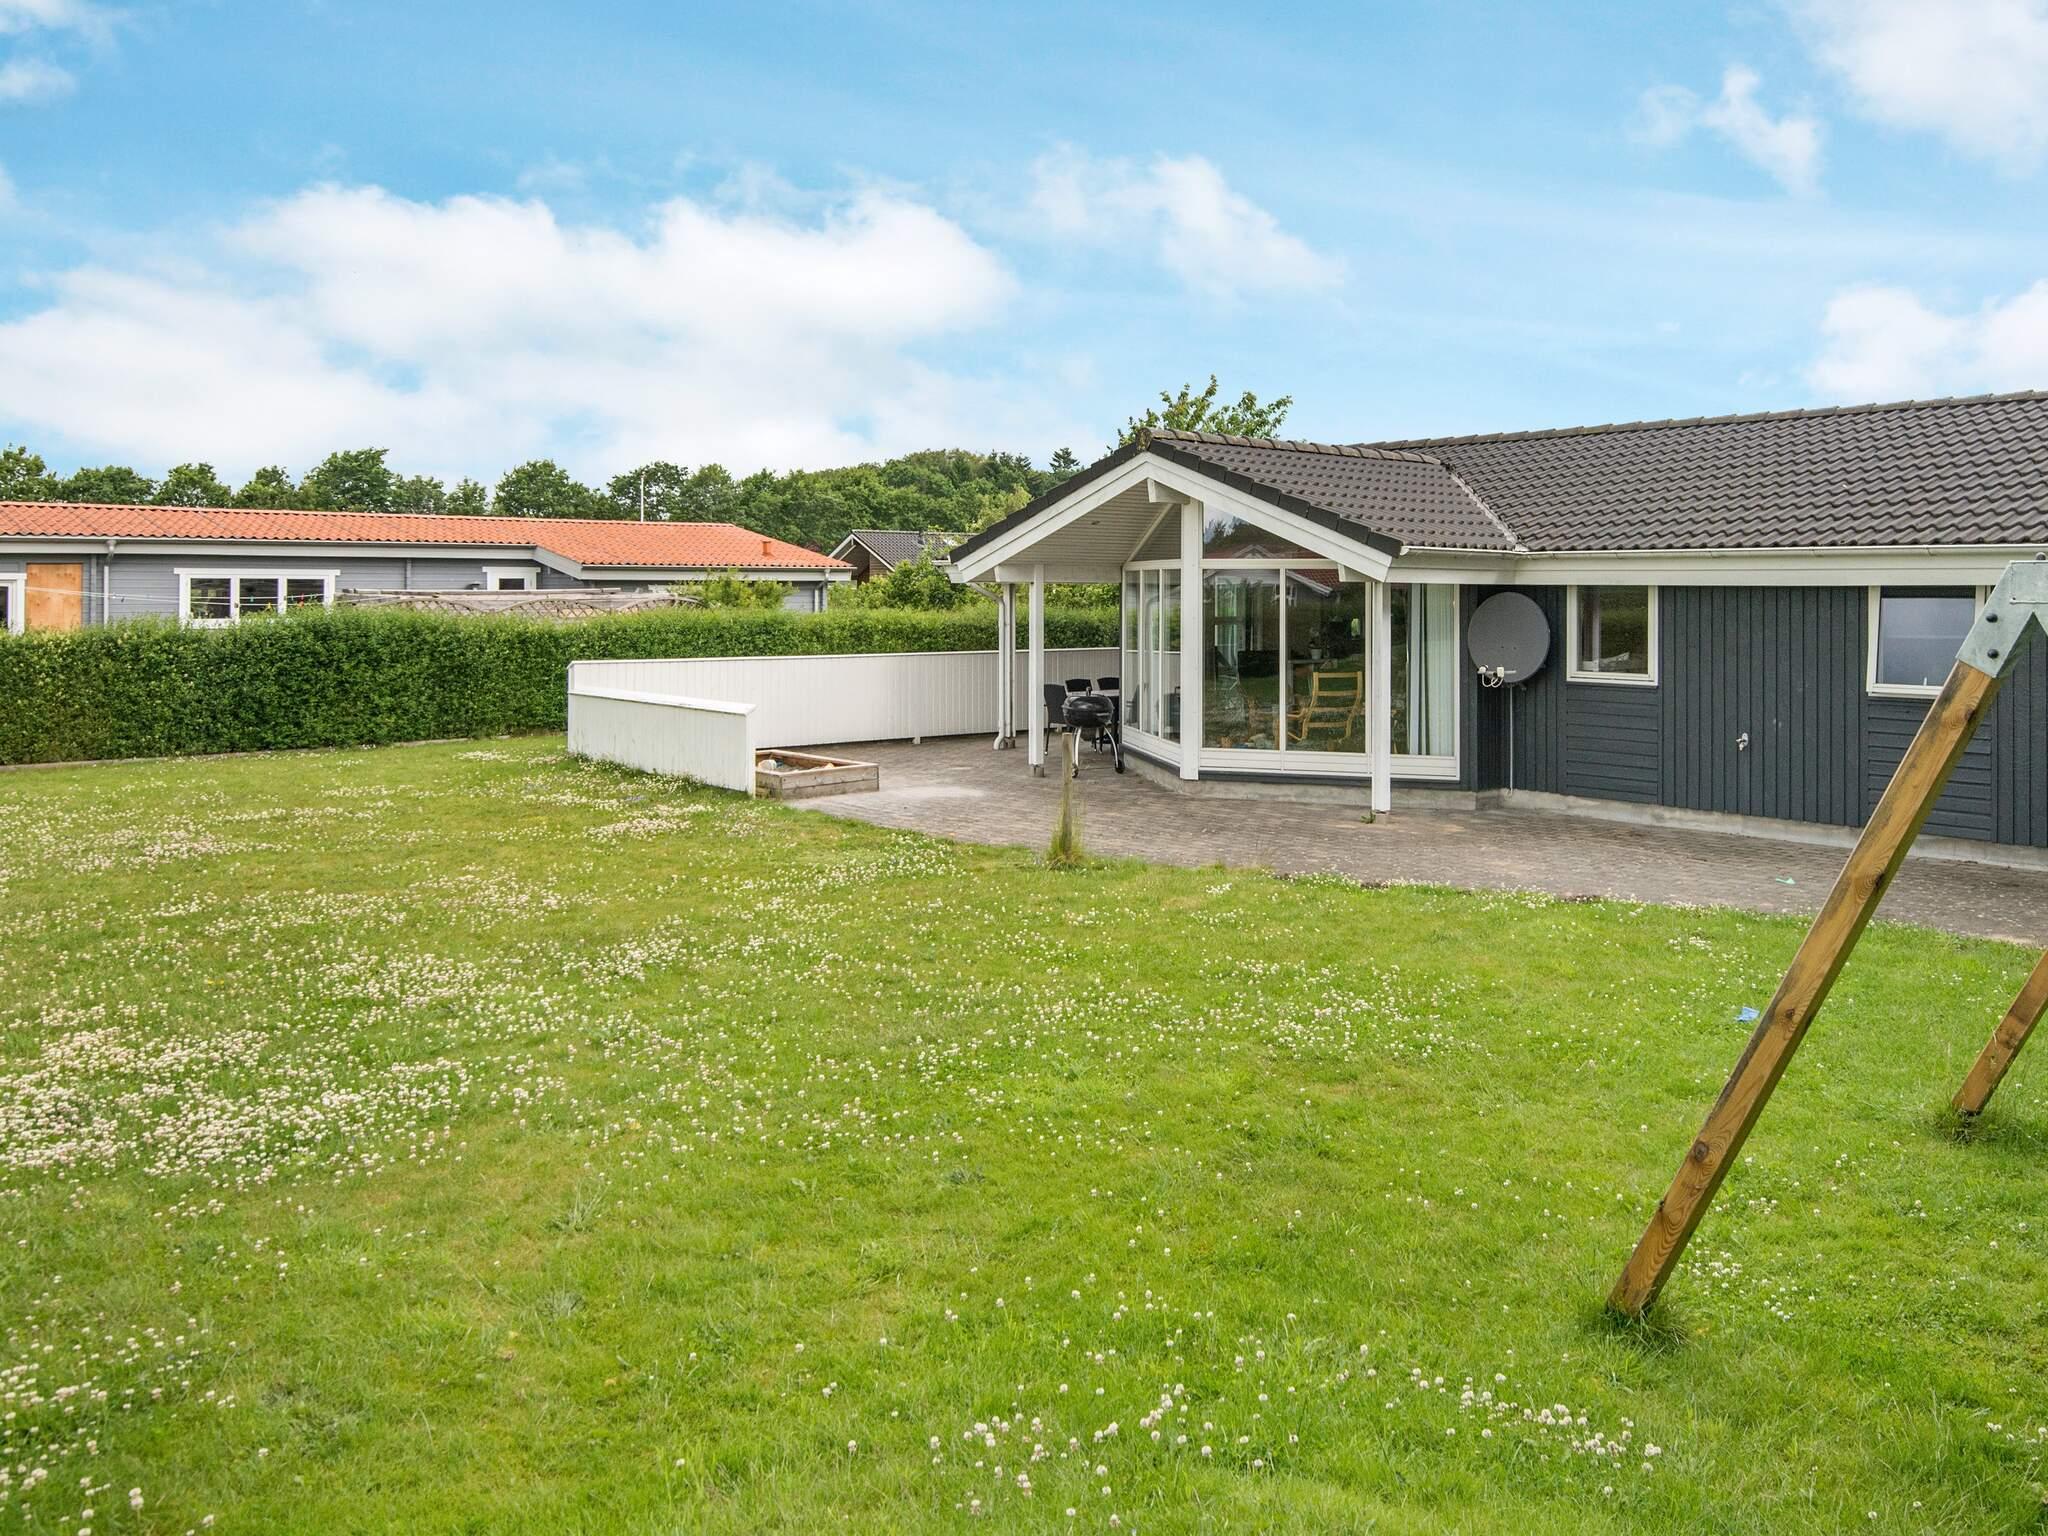 Ferienhaus Hovborg (344962), Hovborg, , Südjütland, Dänemark, Bild 11